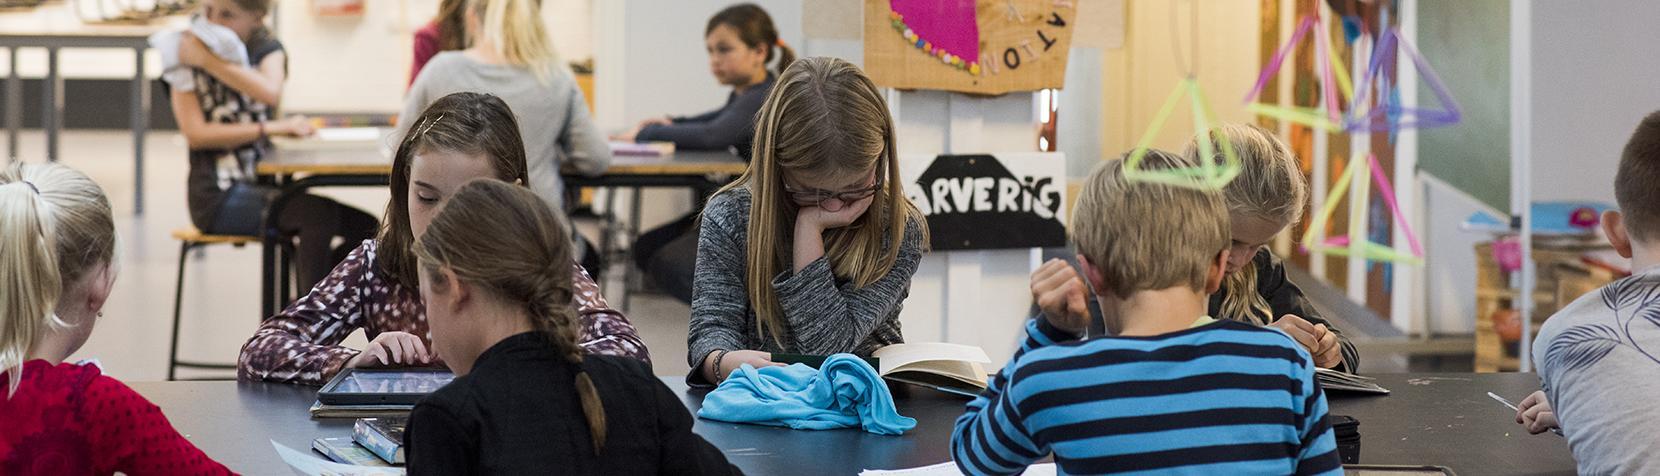 Skolebørn arbejder